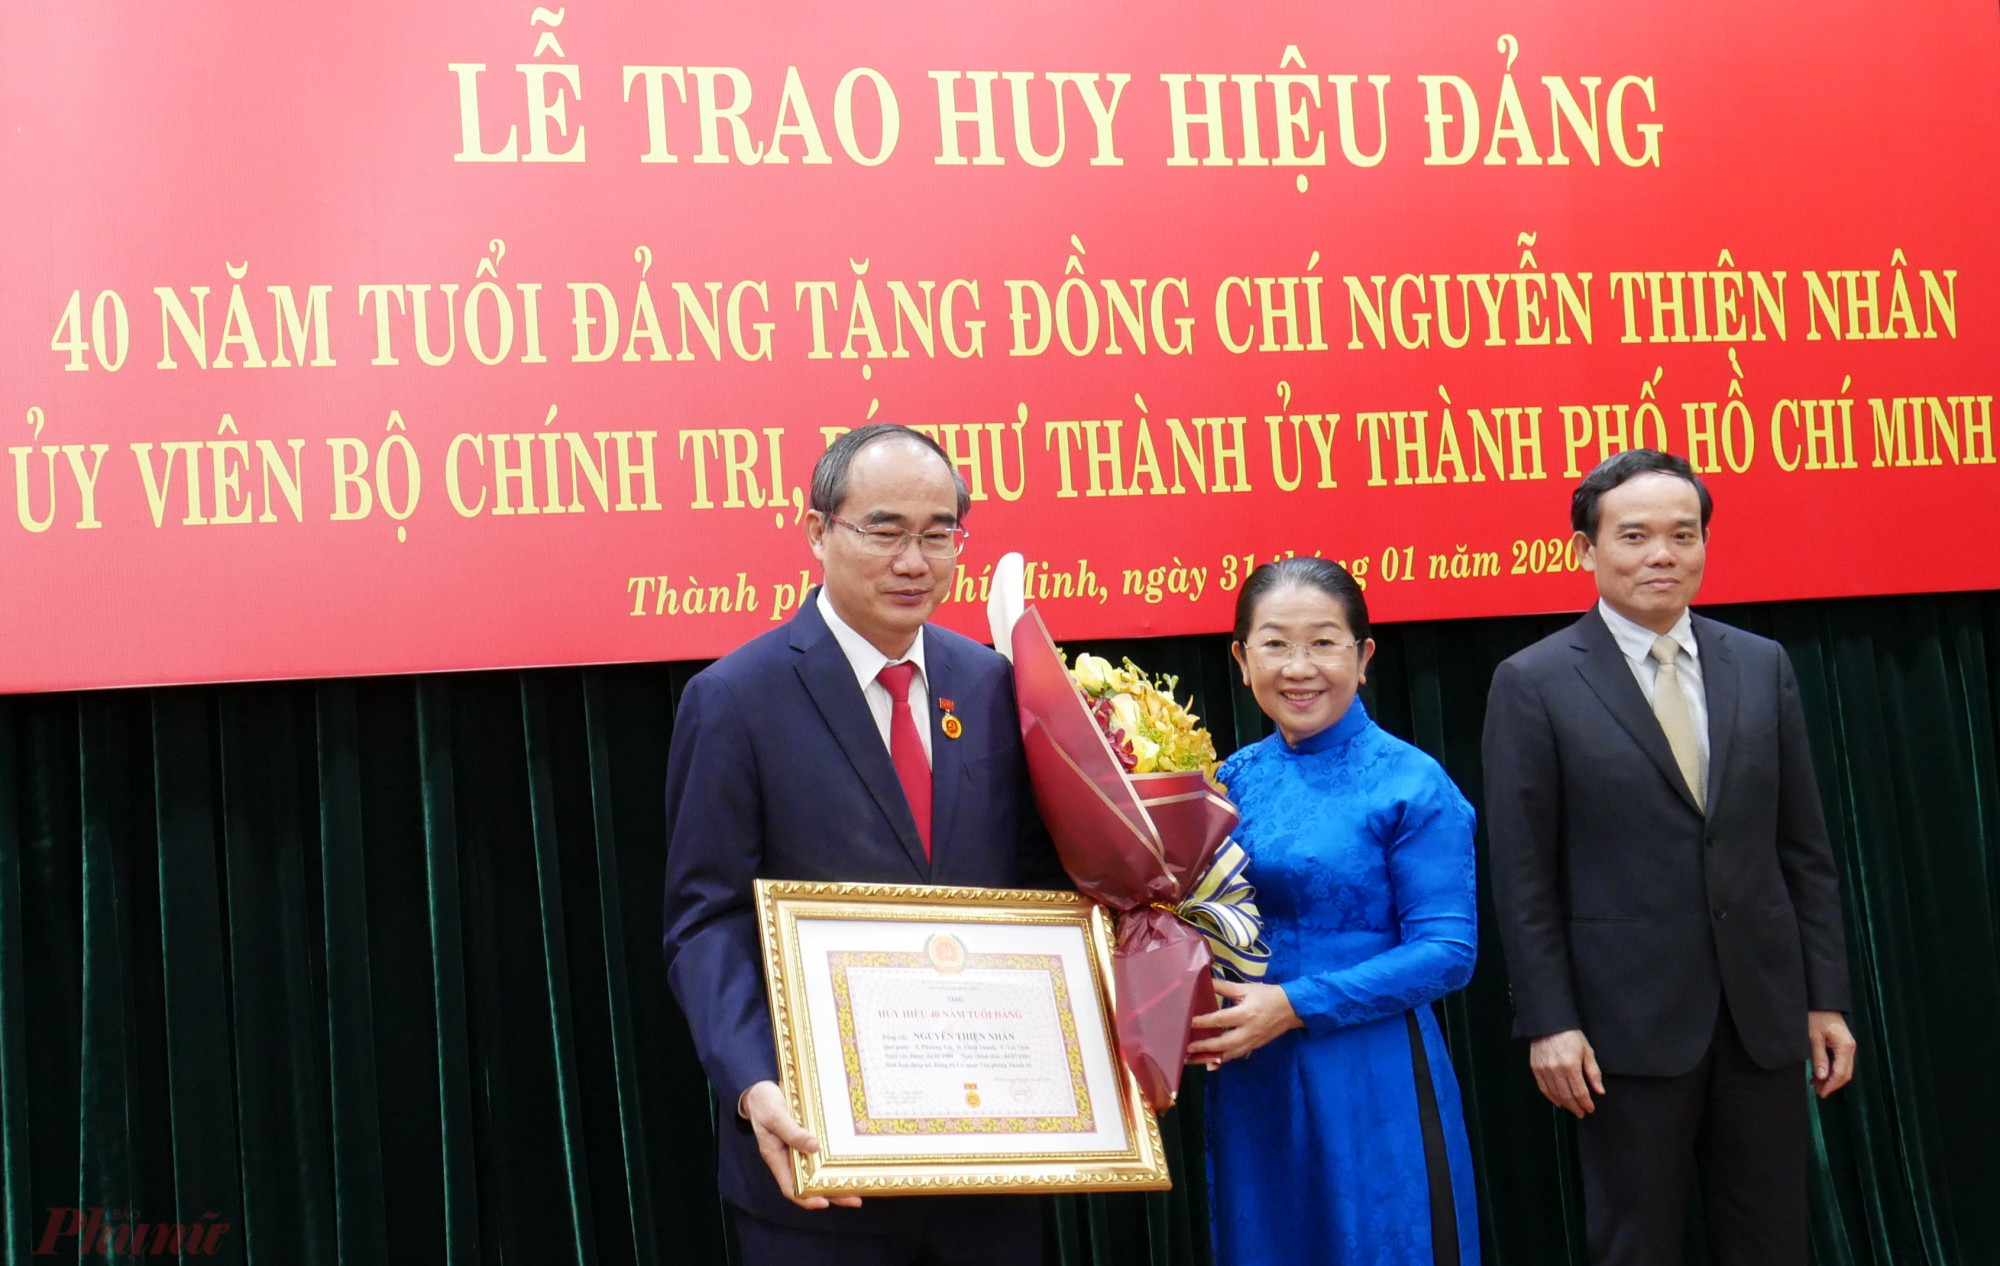 Phó Bí thư Thành ủy Võ Thị Dung tặng hoa chúc mừng.